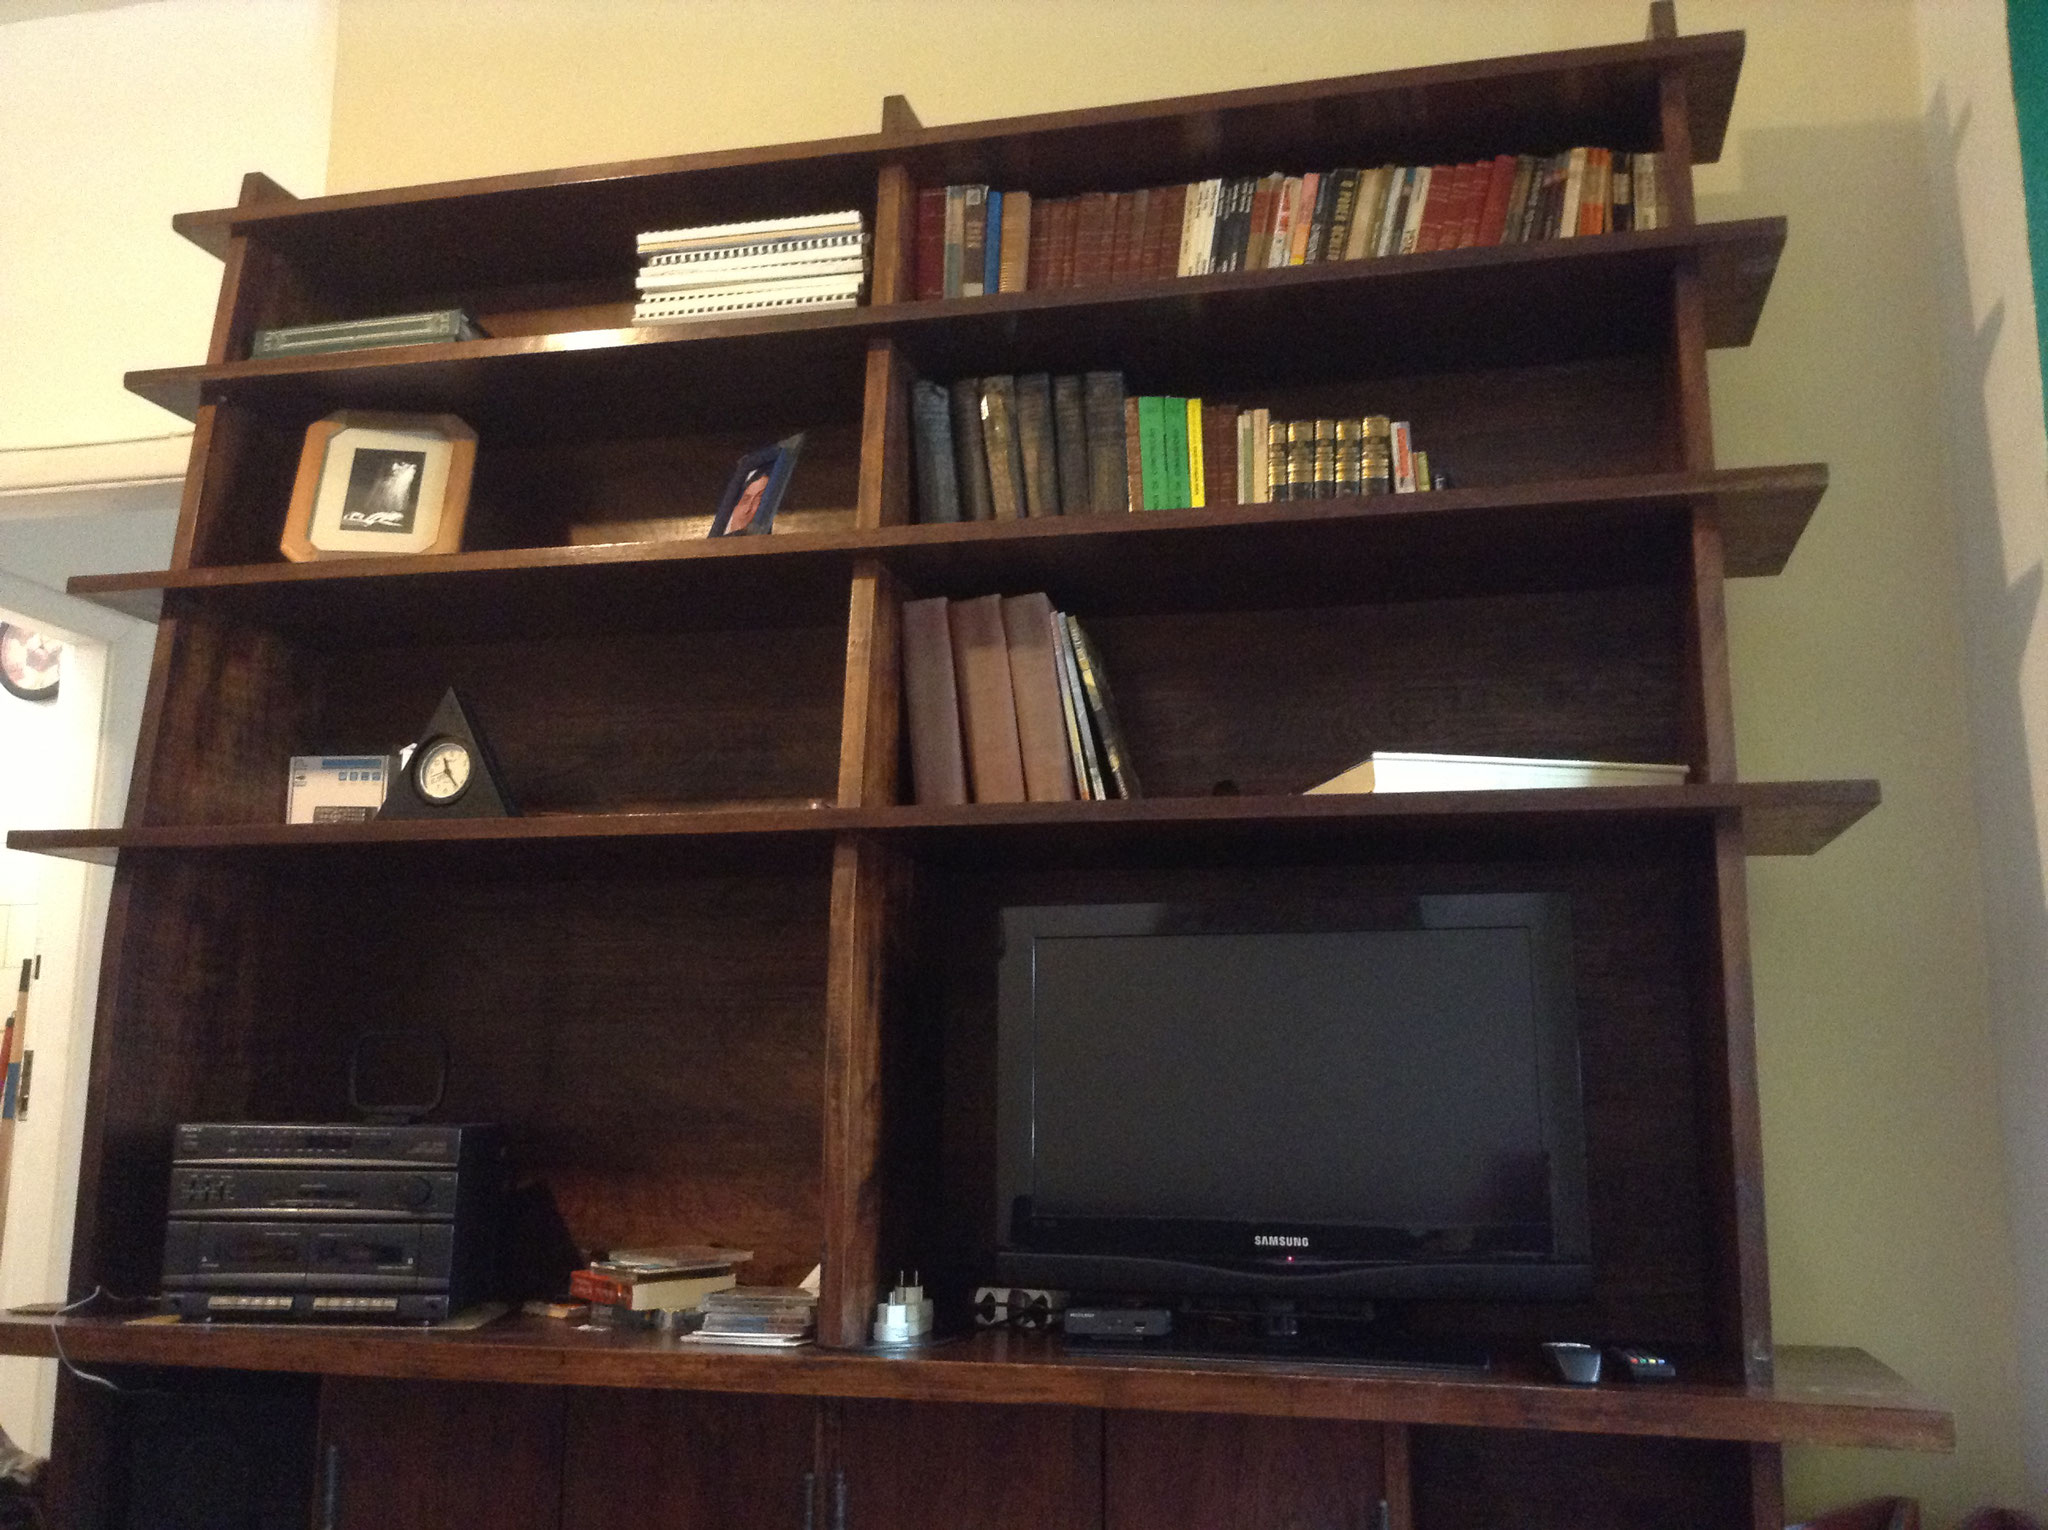 der Wohnzimmerschrank mit Fernseher